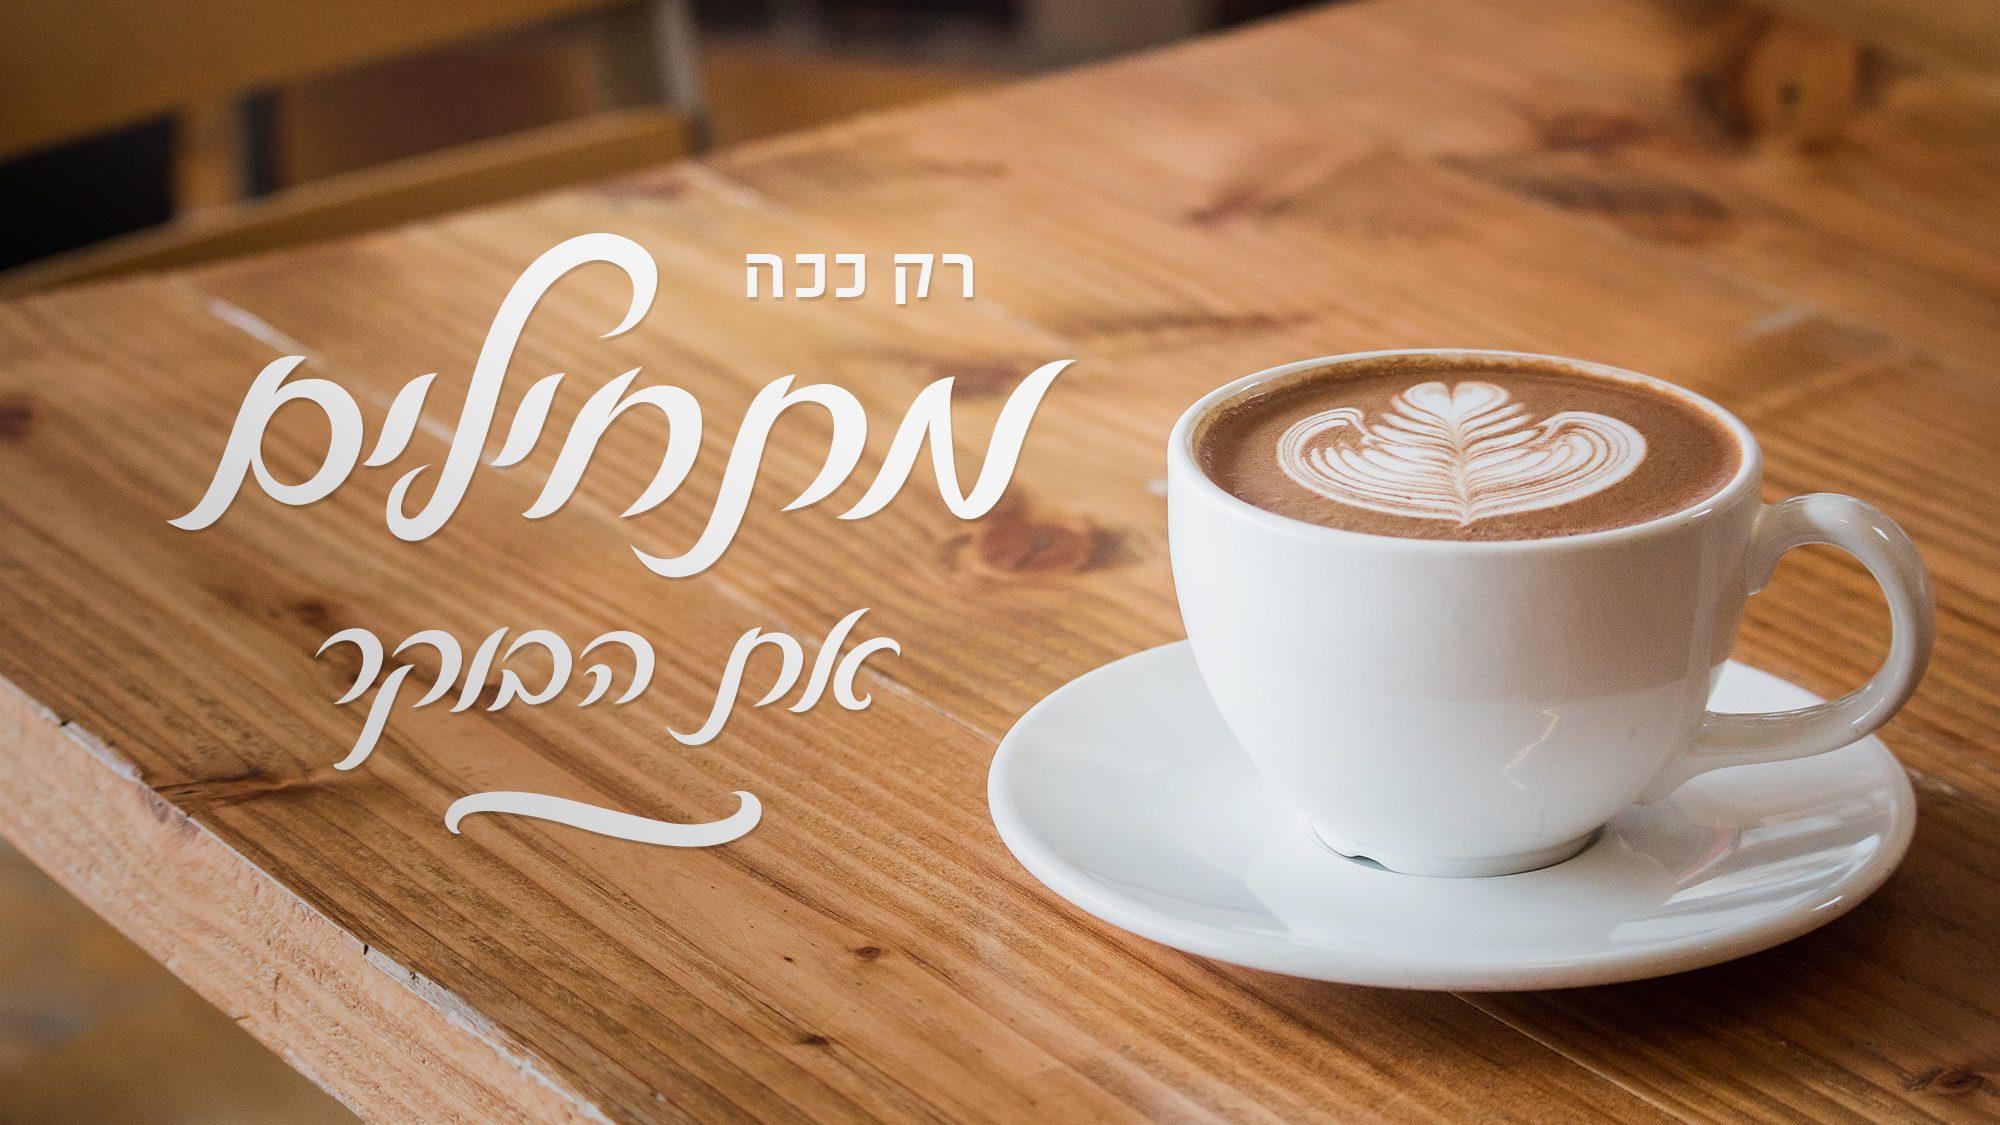 רק ככה מתחילים את הבוקר – שימוש בפונט כתב יד בעברית לואיז ופונט עורבני רחב